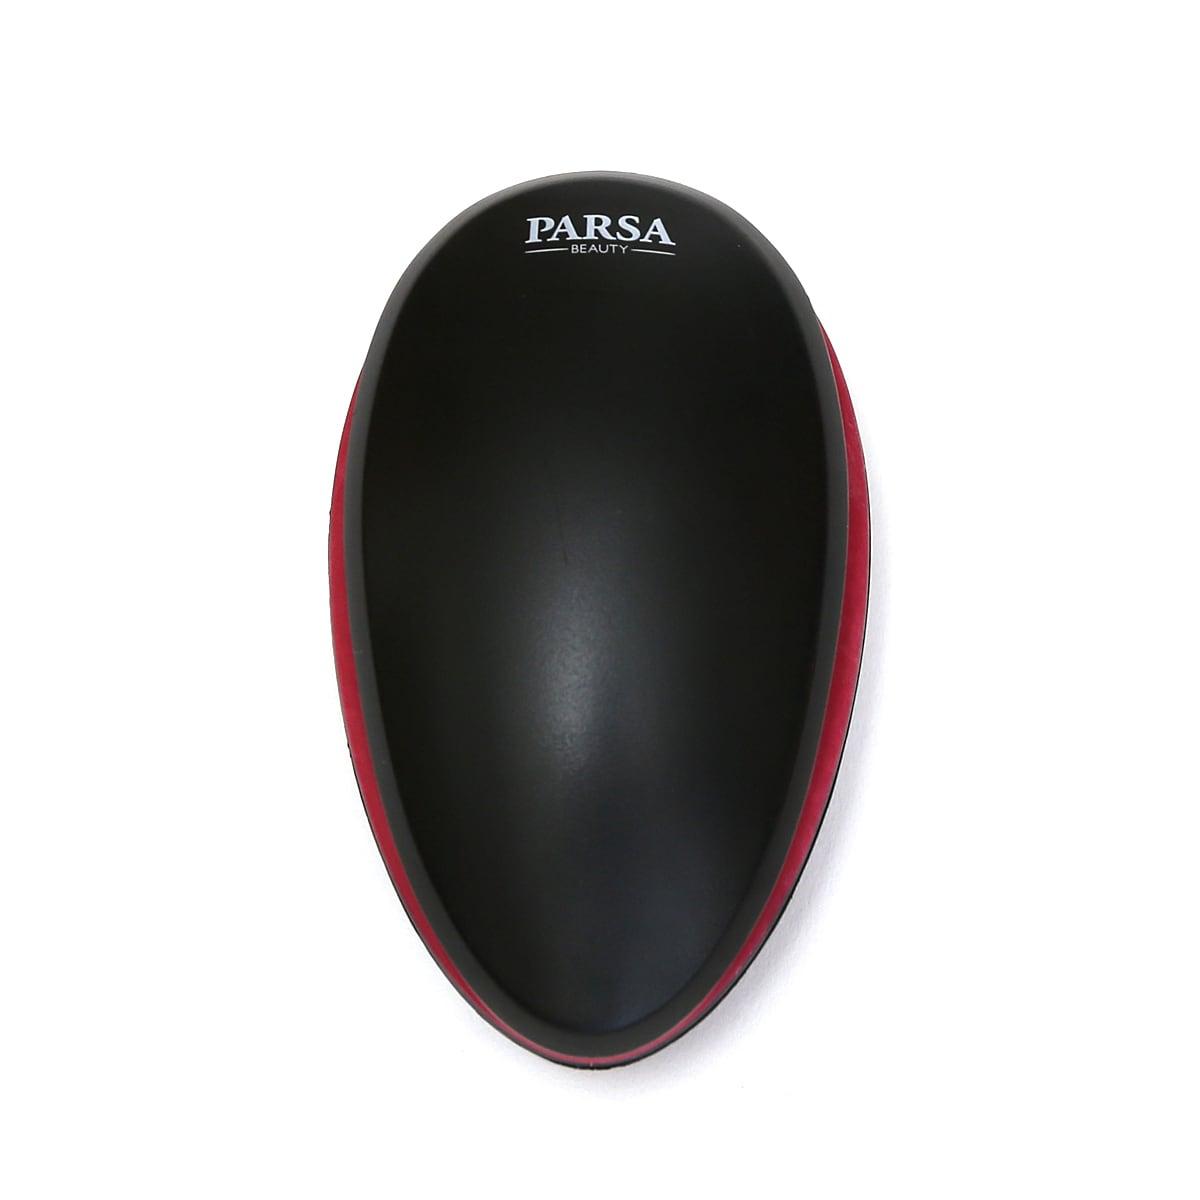 PARSA(パーサ) ヴィーナス ビューティーブラシ 開封(上から)